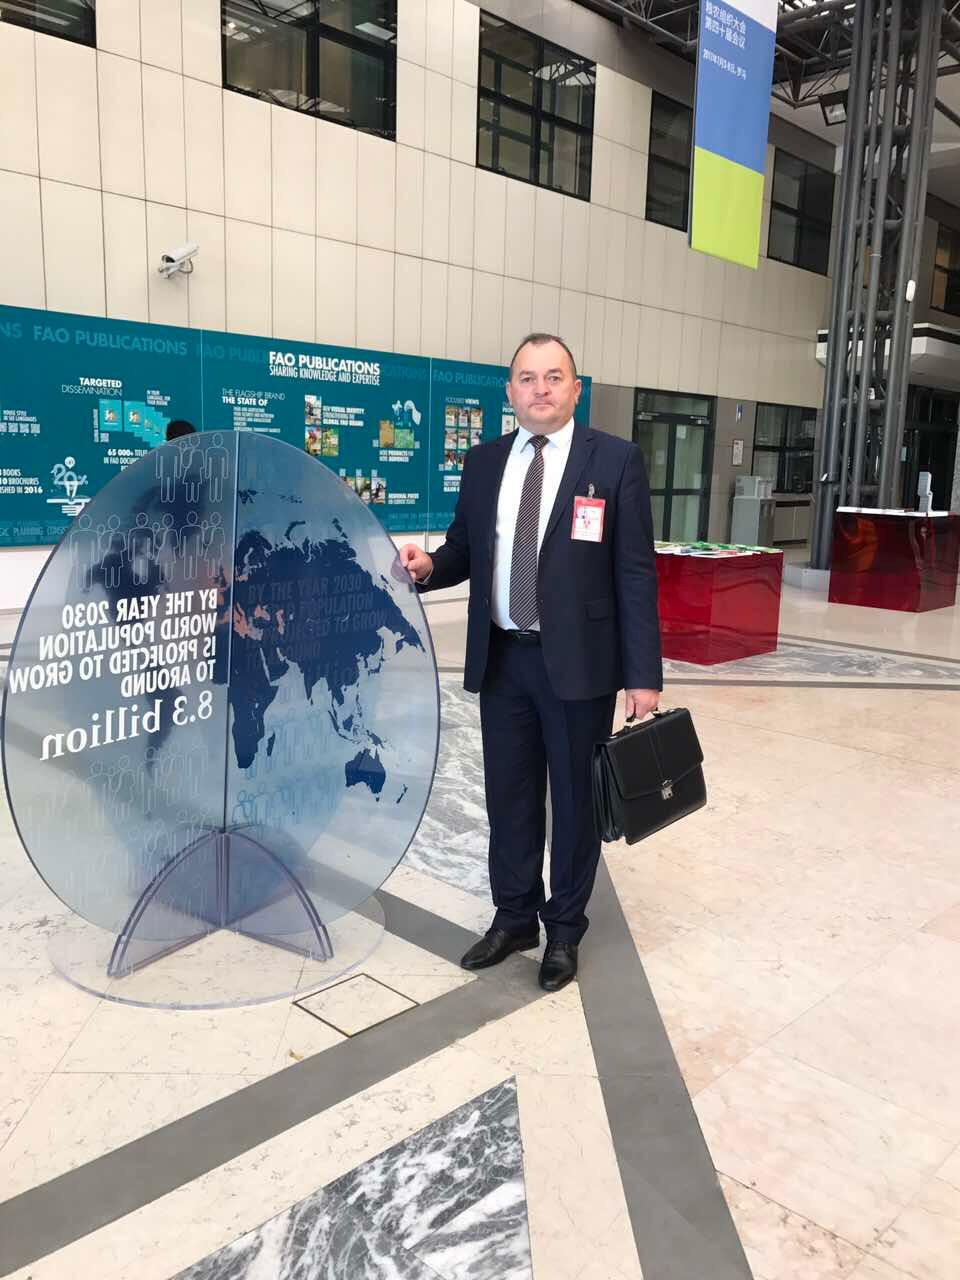 Viceministrul Agriculturii, Iurie Ușurelu participă la Conferința FAO, desfășurată la Roma